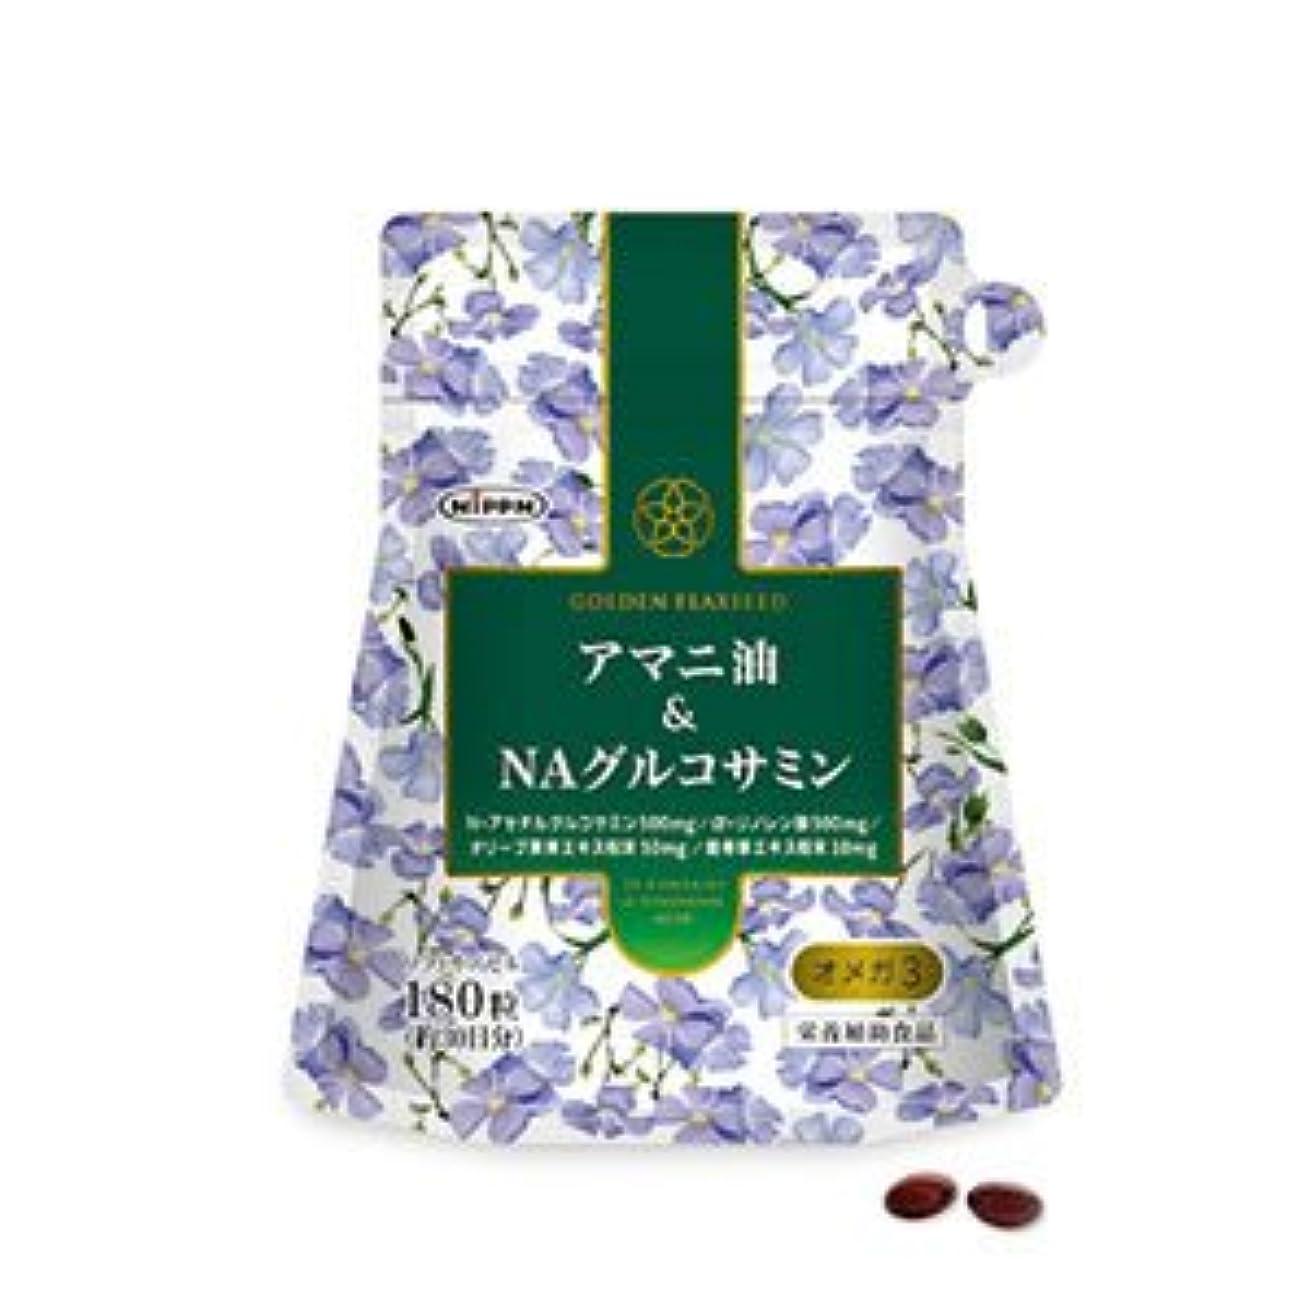 支店愛国的な音節アマニ油&NAグルコサミン 180粒(お買い得3個セット)